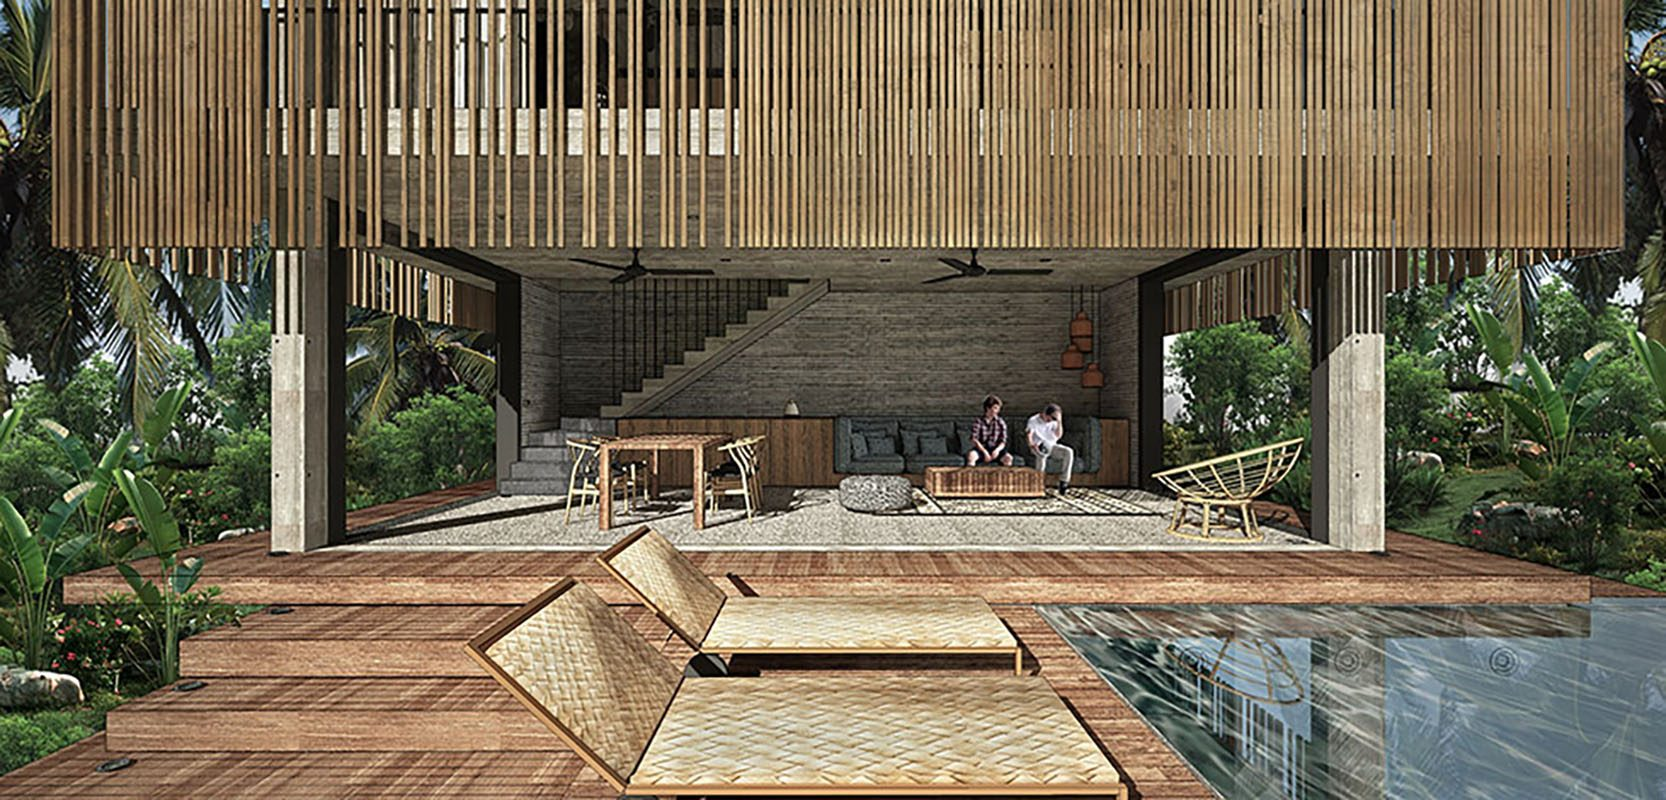 Pakaranmg Resort | AIM Architecture